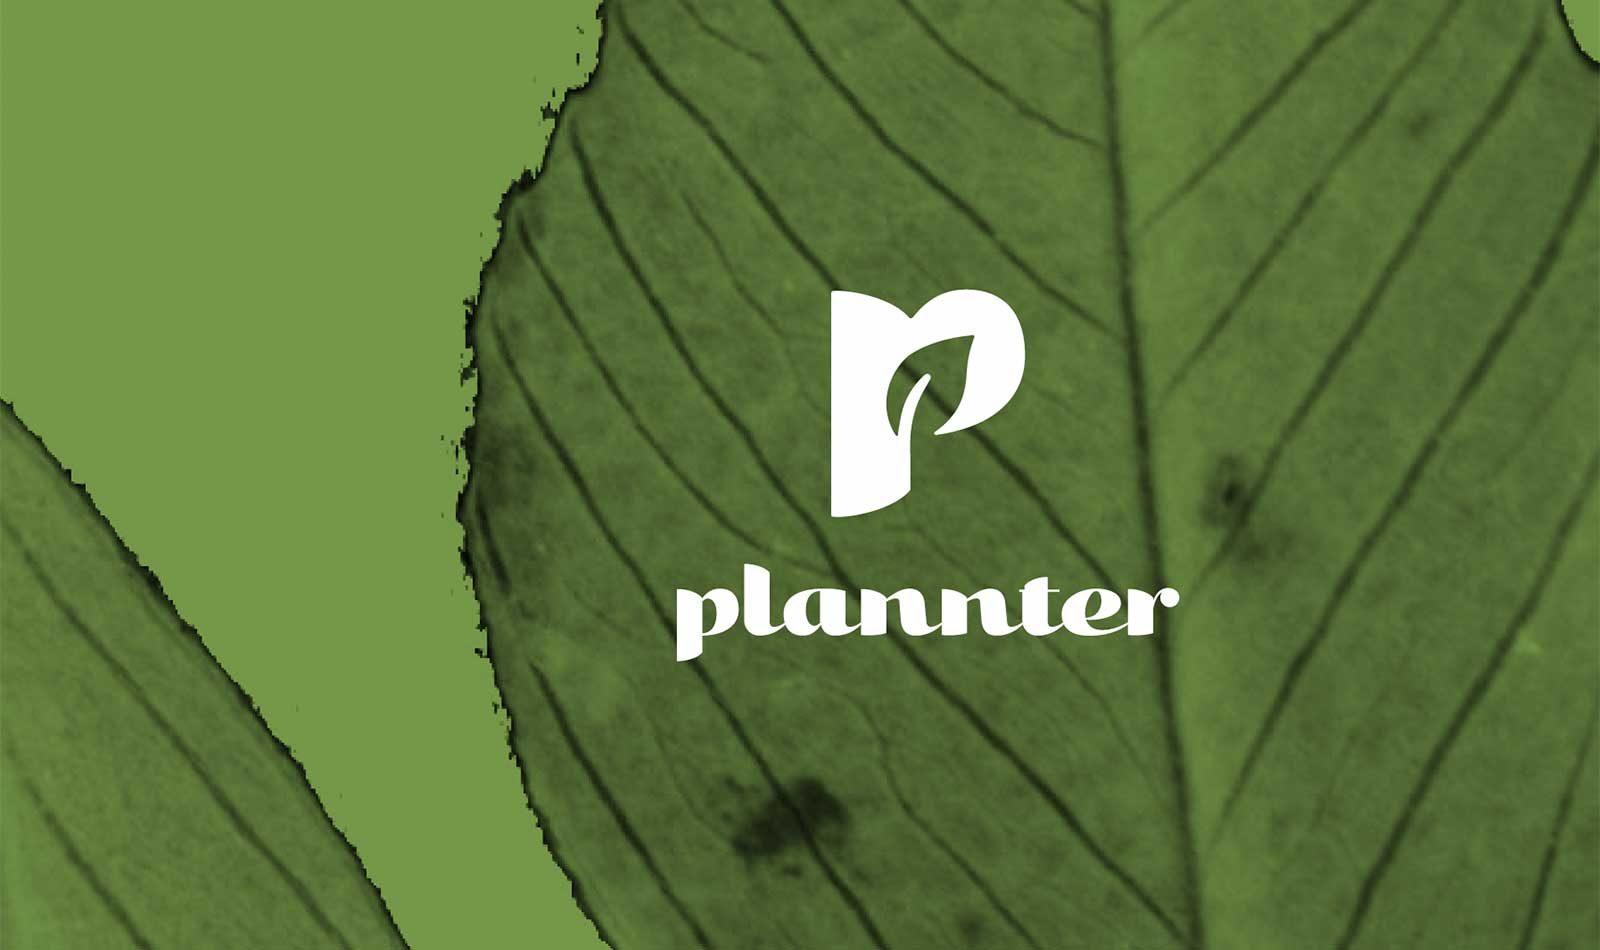 Plant Care Assistant App